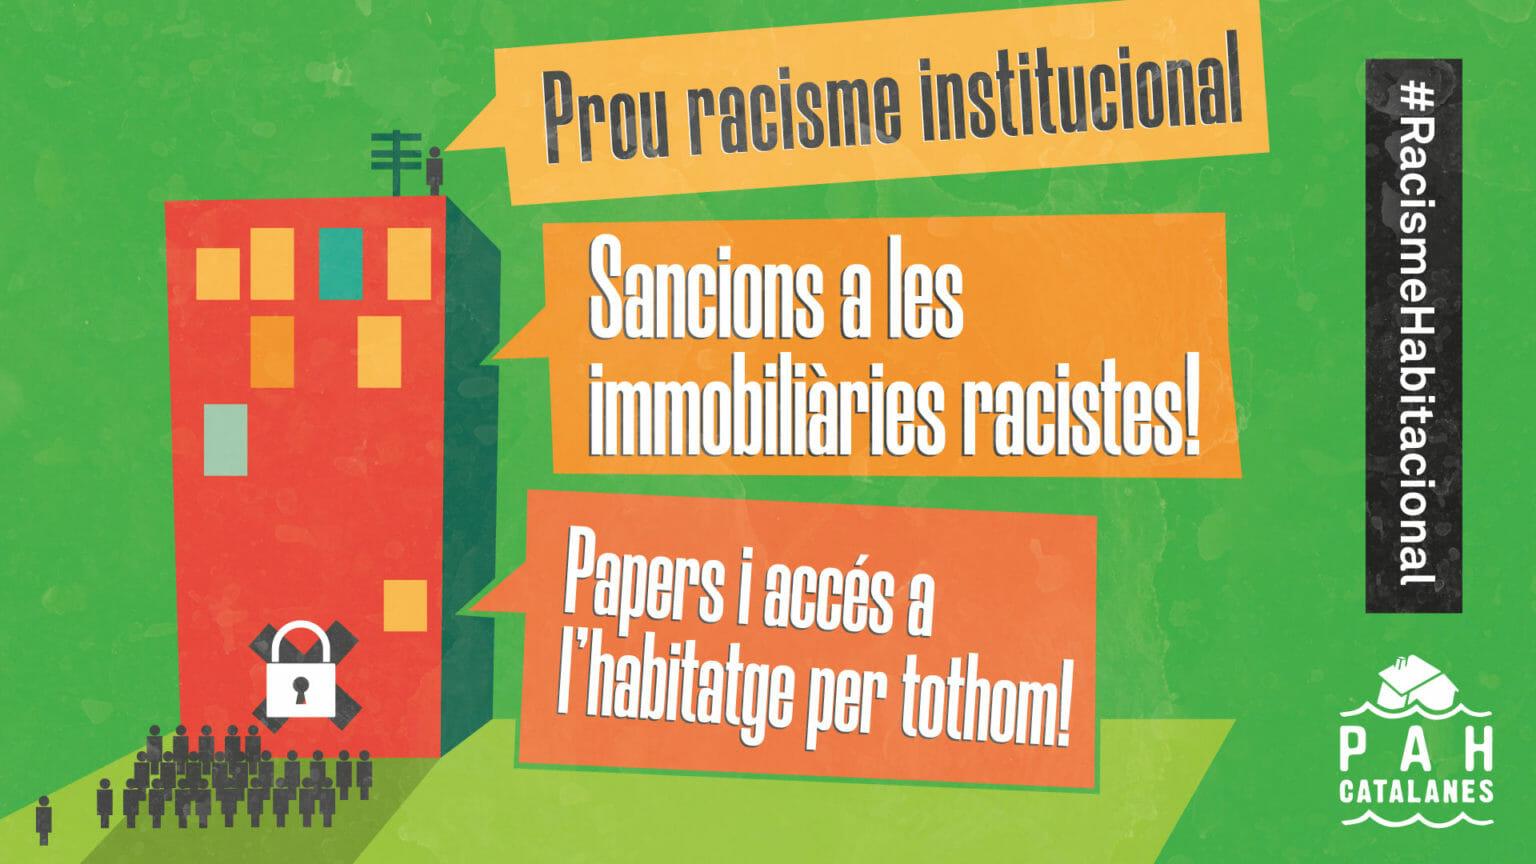 El racismo institucional niega el derecho a la vivienda